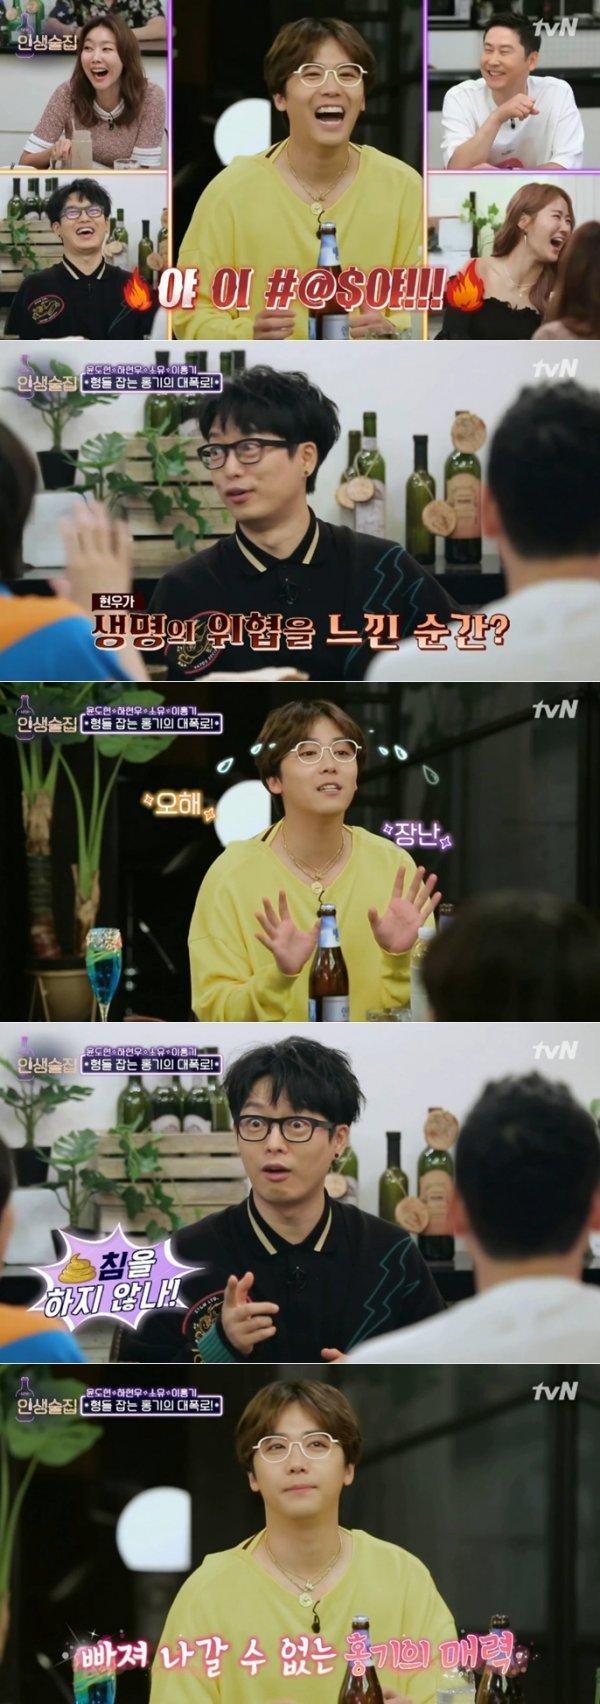 """'인생술집' 하현우, 이홍기에게 욕한 사연 """"우정 간당간당해"""""""